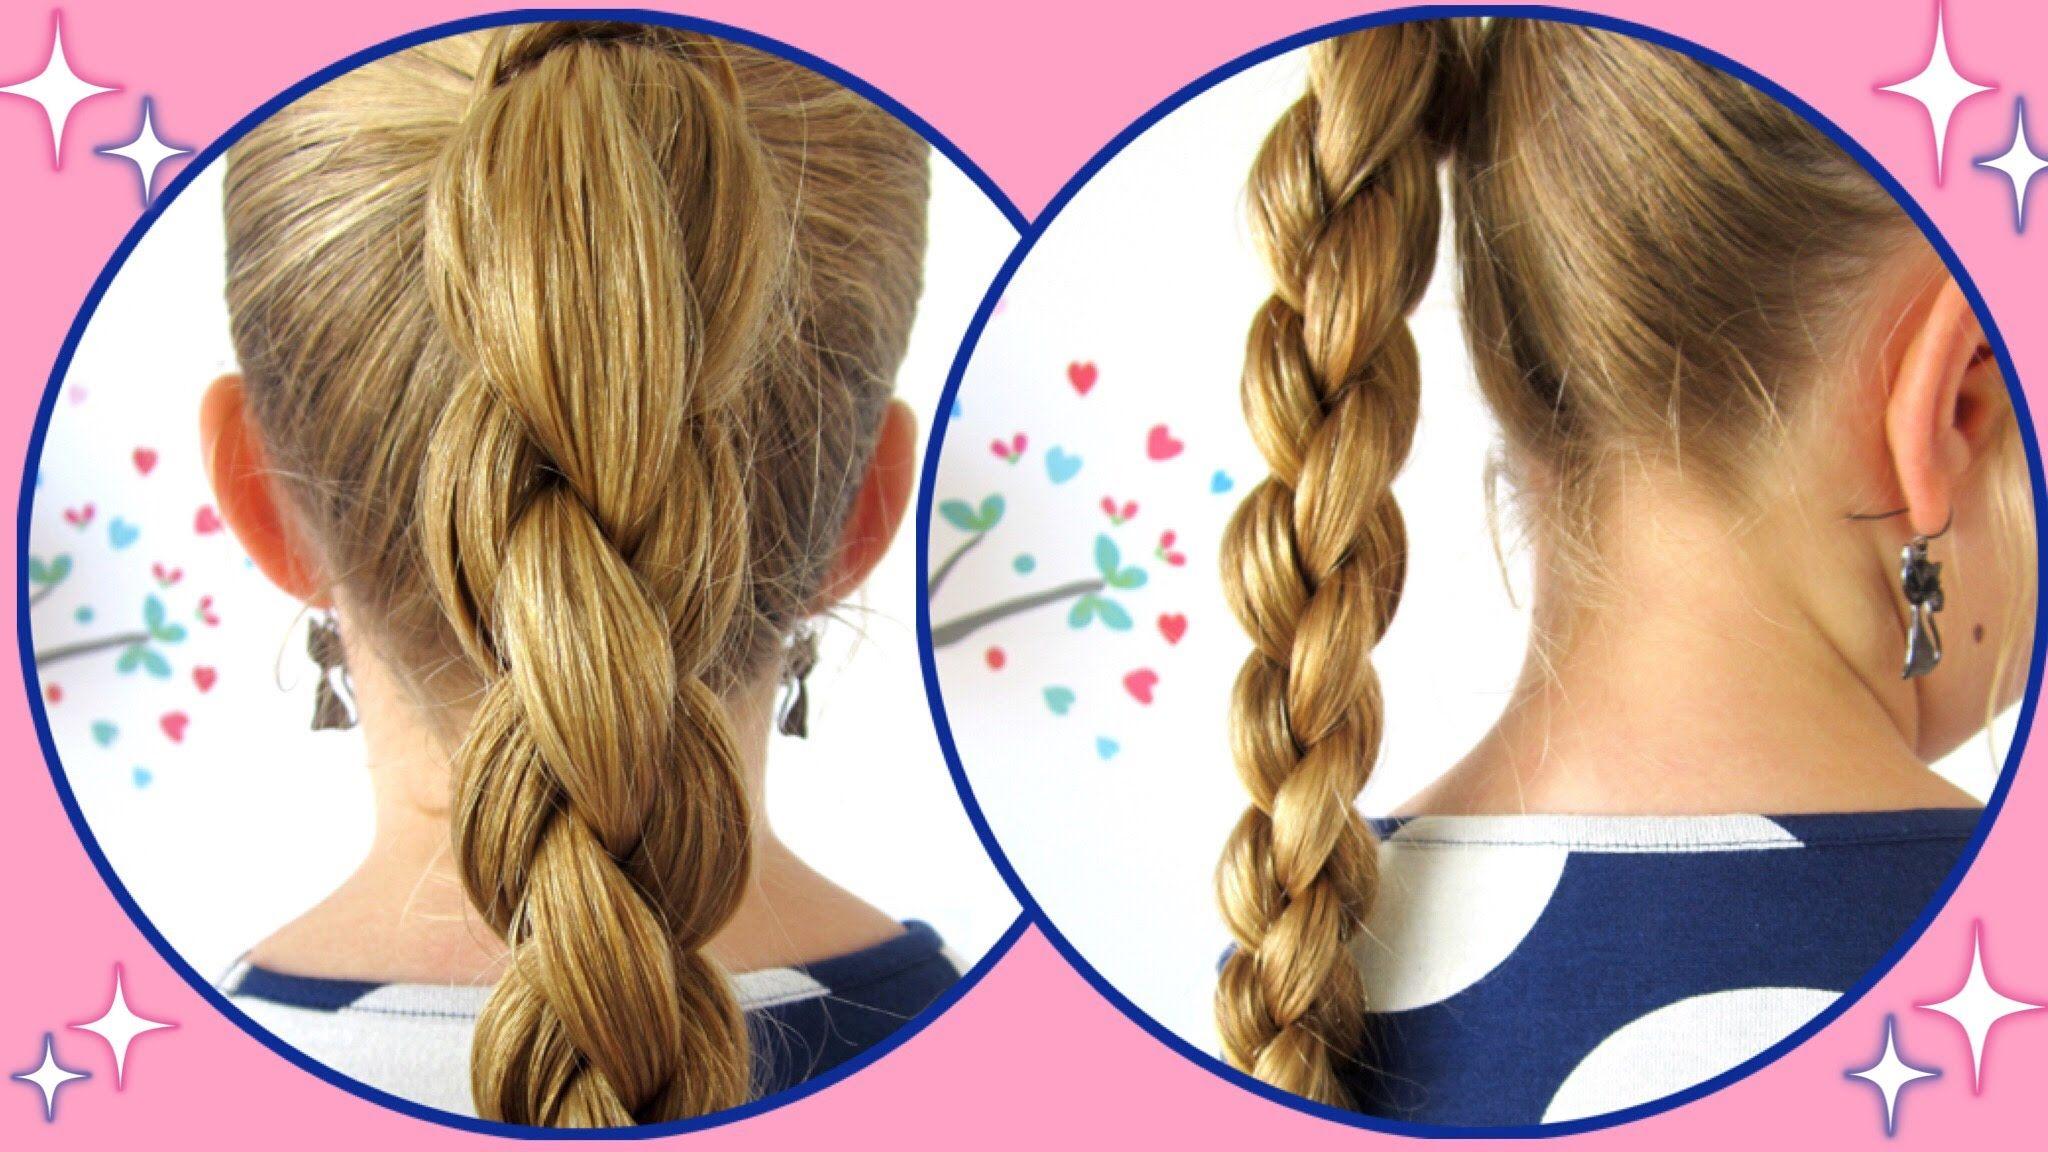 Haarschnitt 4 zopfe